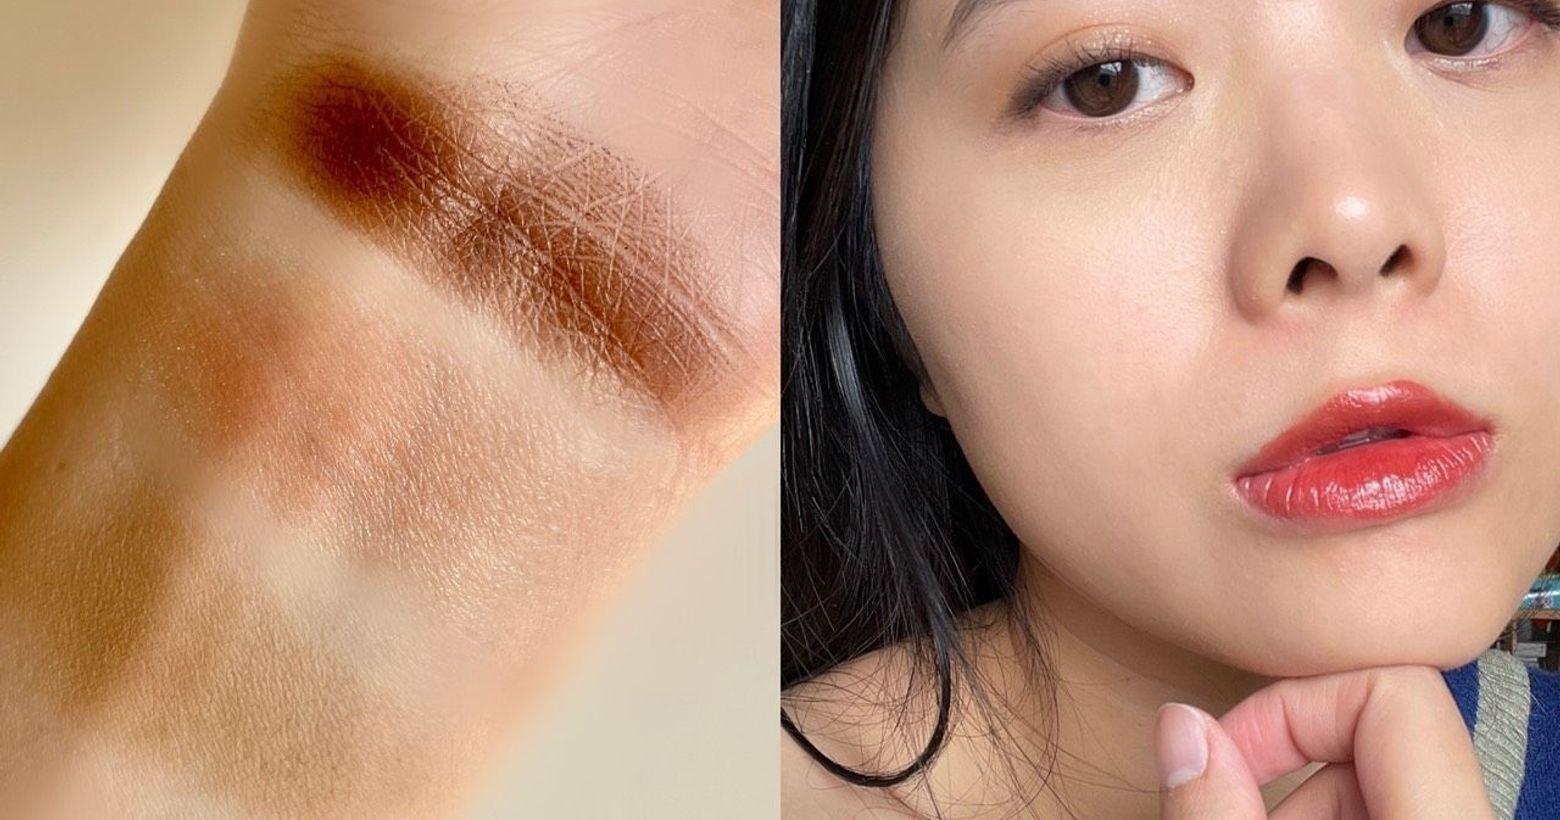 質感栗子色系眼妝這是很日常,很好畫的淡妝,可以自行找到相近顏色取代A色:接近膚色的卡其色/修容色B色